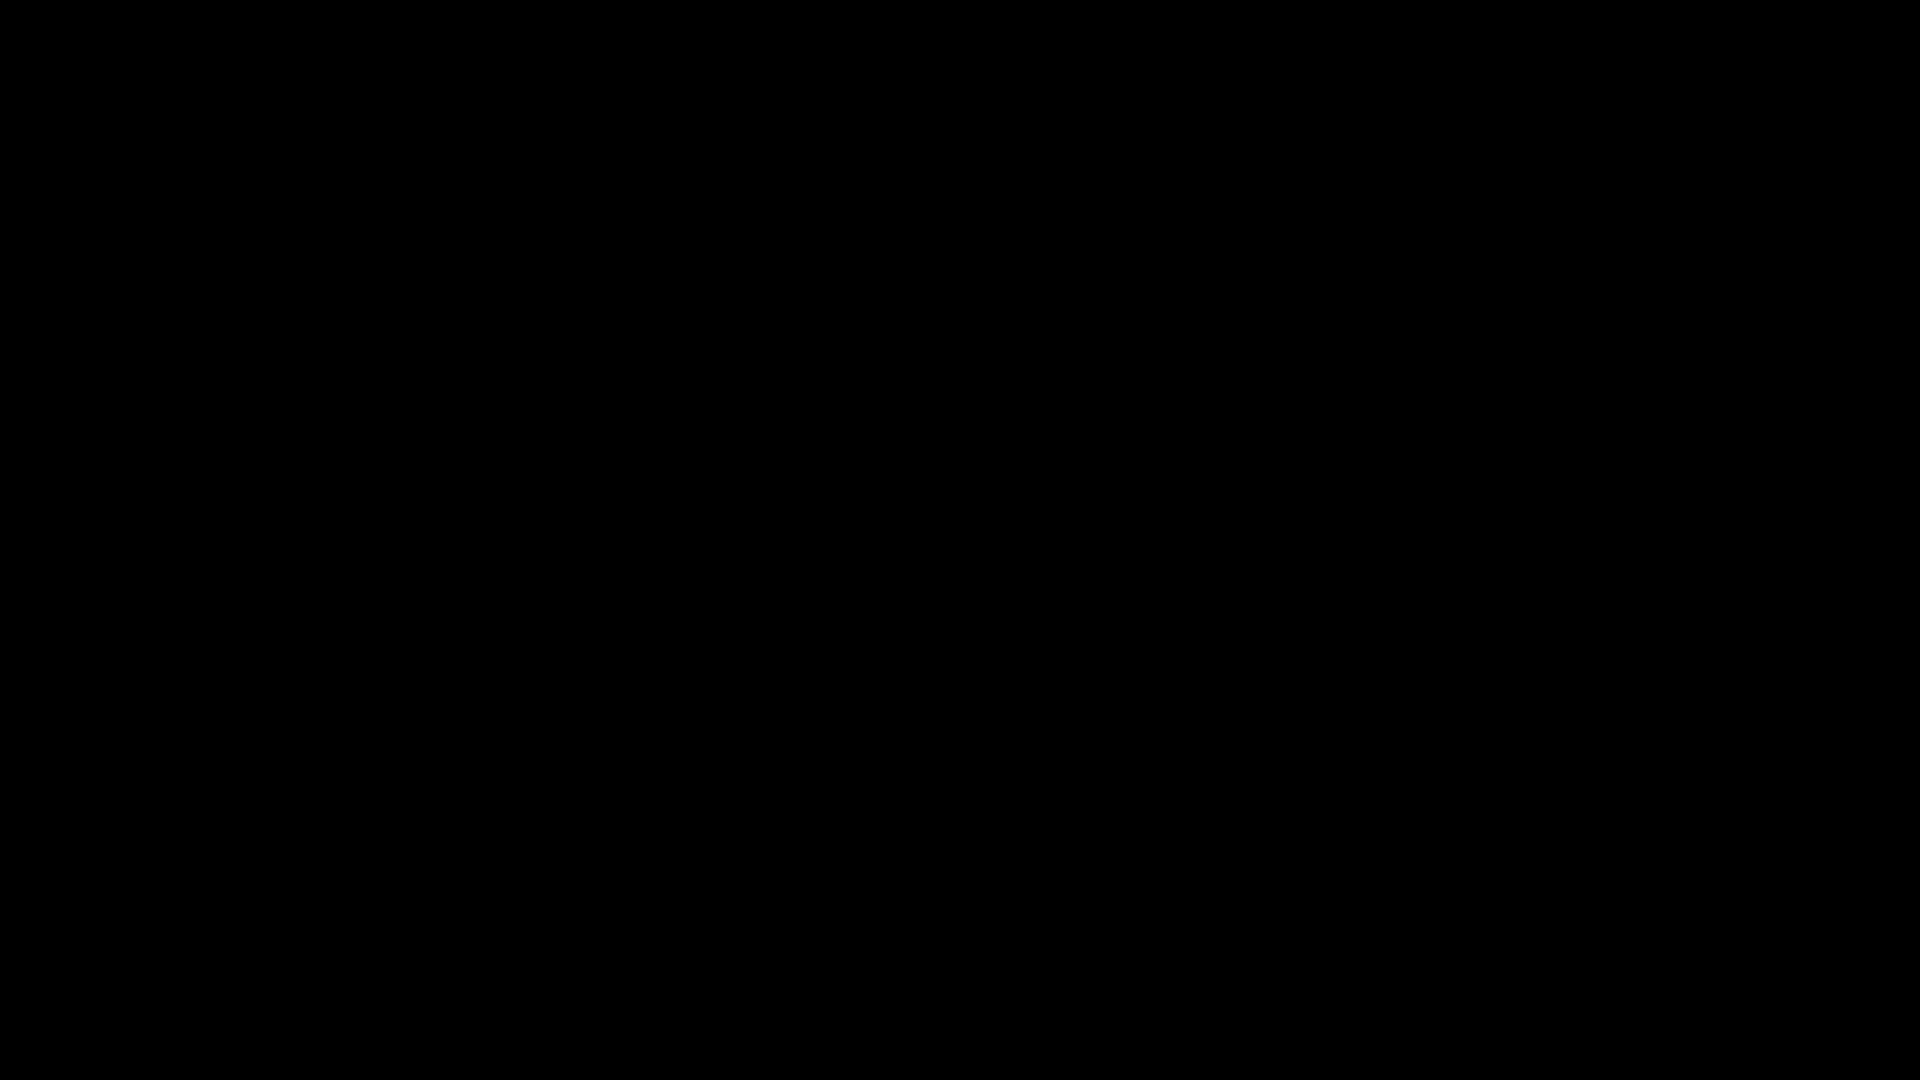 Poudre De Toner Compatible TN216 Pour KONICA MINOLTA BIZHUB C220 C280 Recharge poudre De Toner Couleur